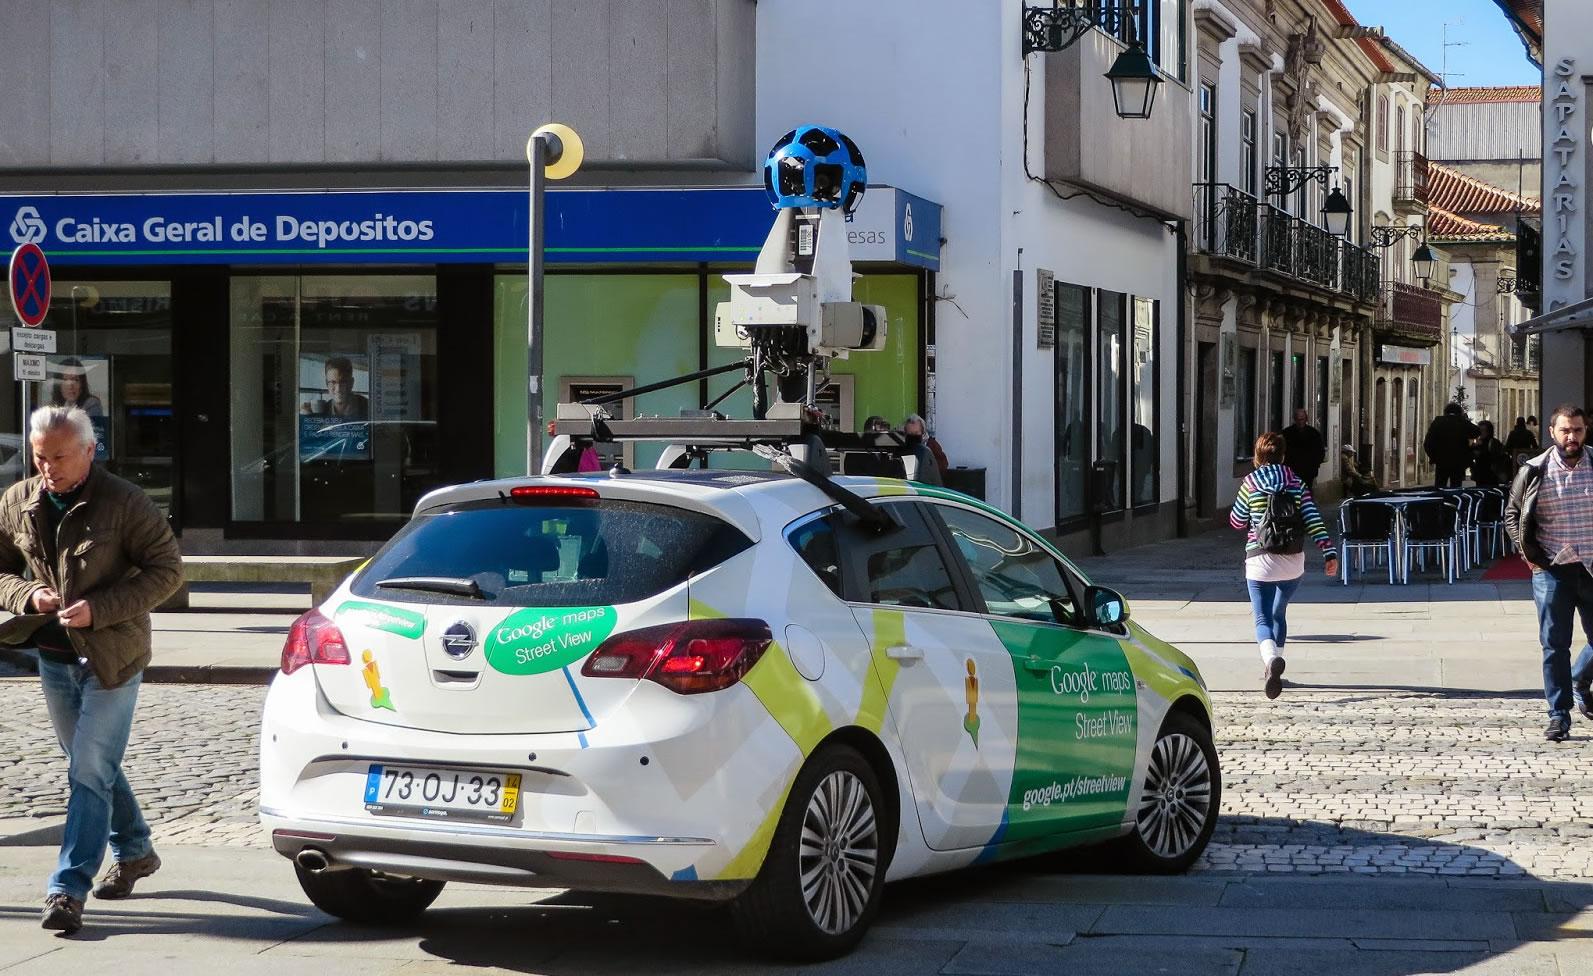 Google Inicia Atualizacao De Imagens Do Street View Em Portugal